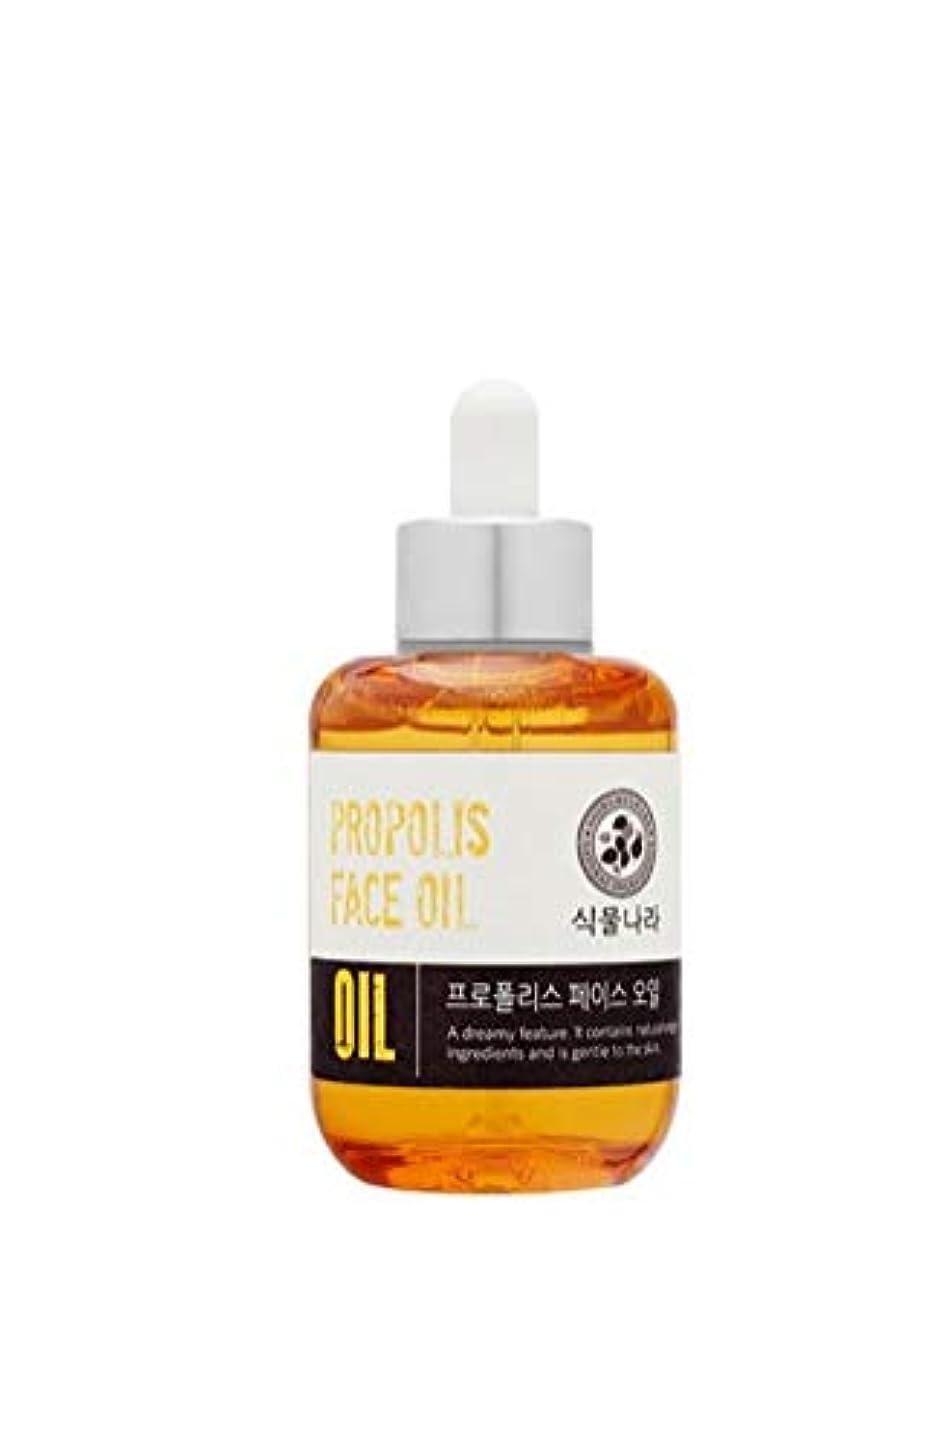 理容師自信がある機関shingmulnara☆シンムルナラ プロポリス フェイス オイル55ml propolis face oil 55ml[並行輸入品]